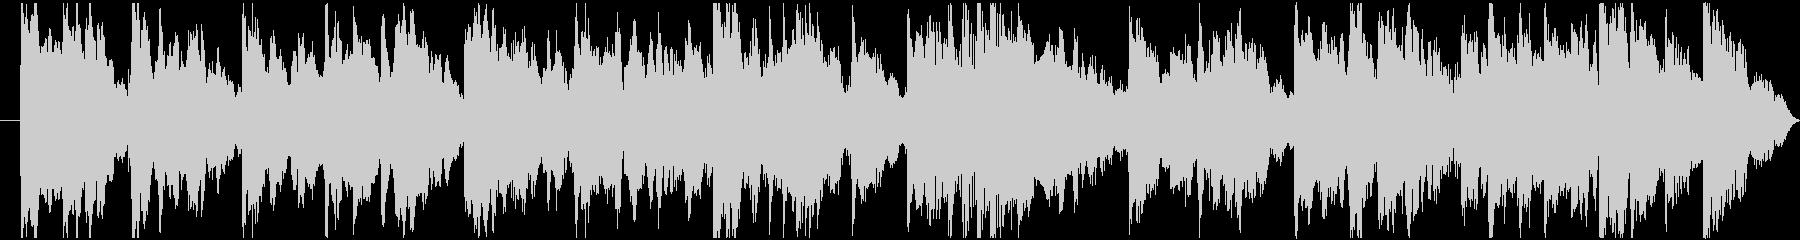 エレピソロ音源の未再生の波形